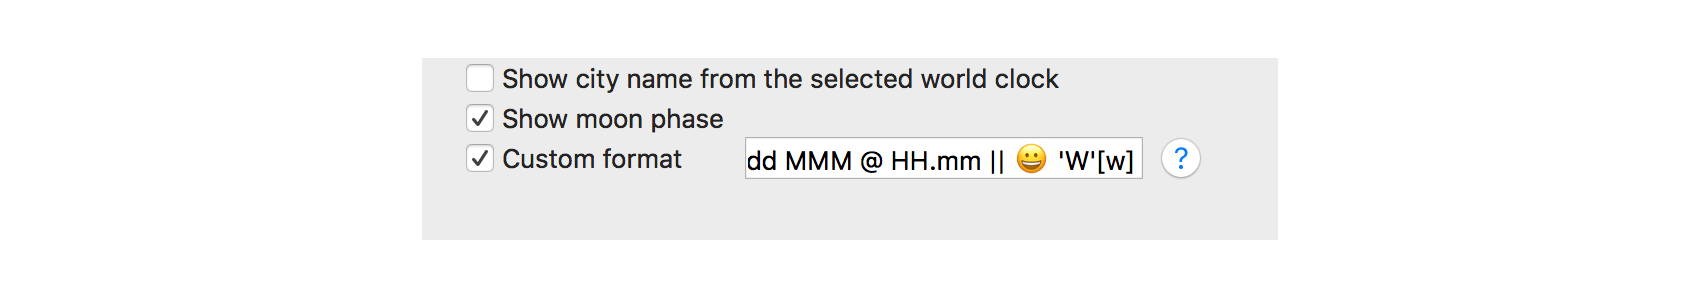 Custom format